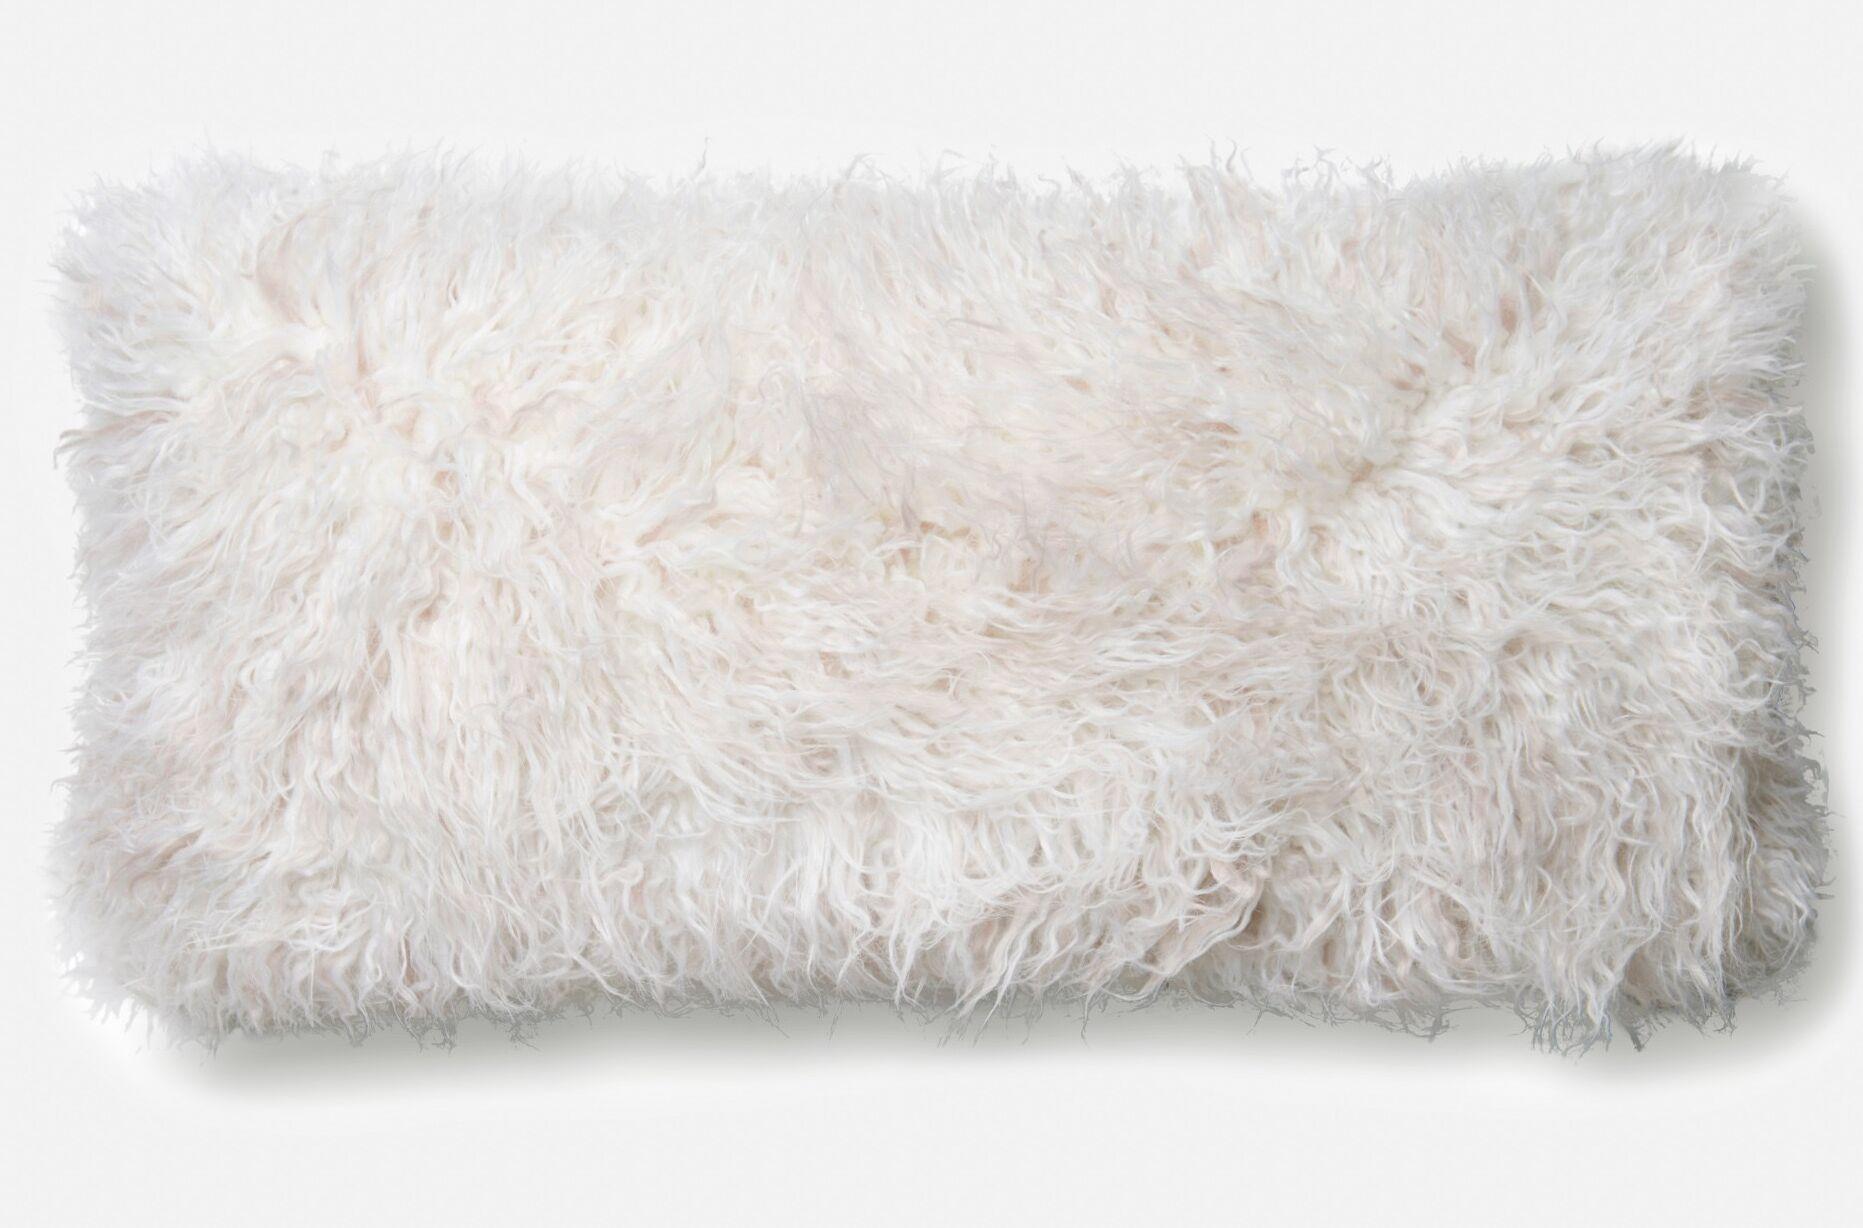 Camargo Lumbar Pillow Fill Material: Down/Feather, Type: Pillow